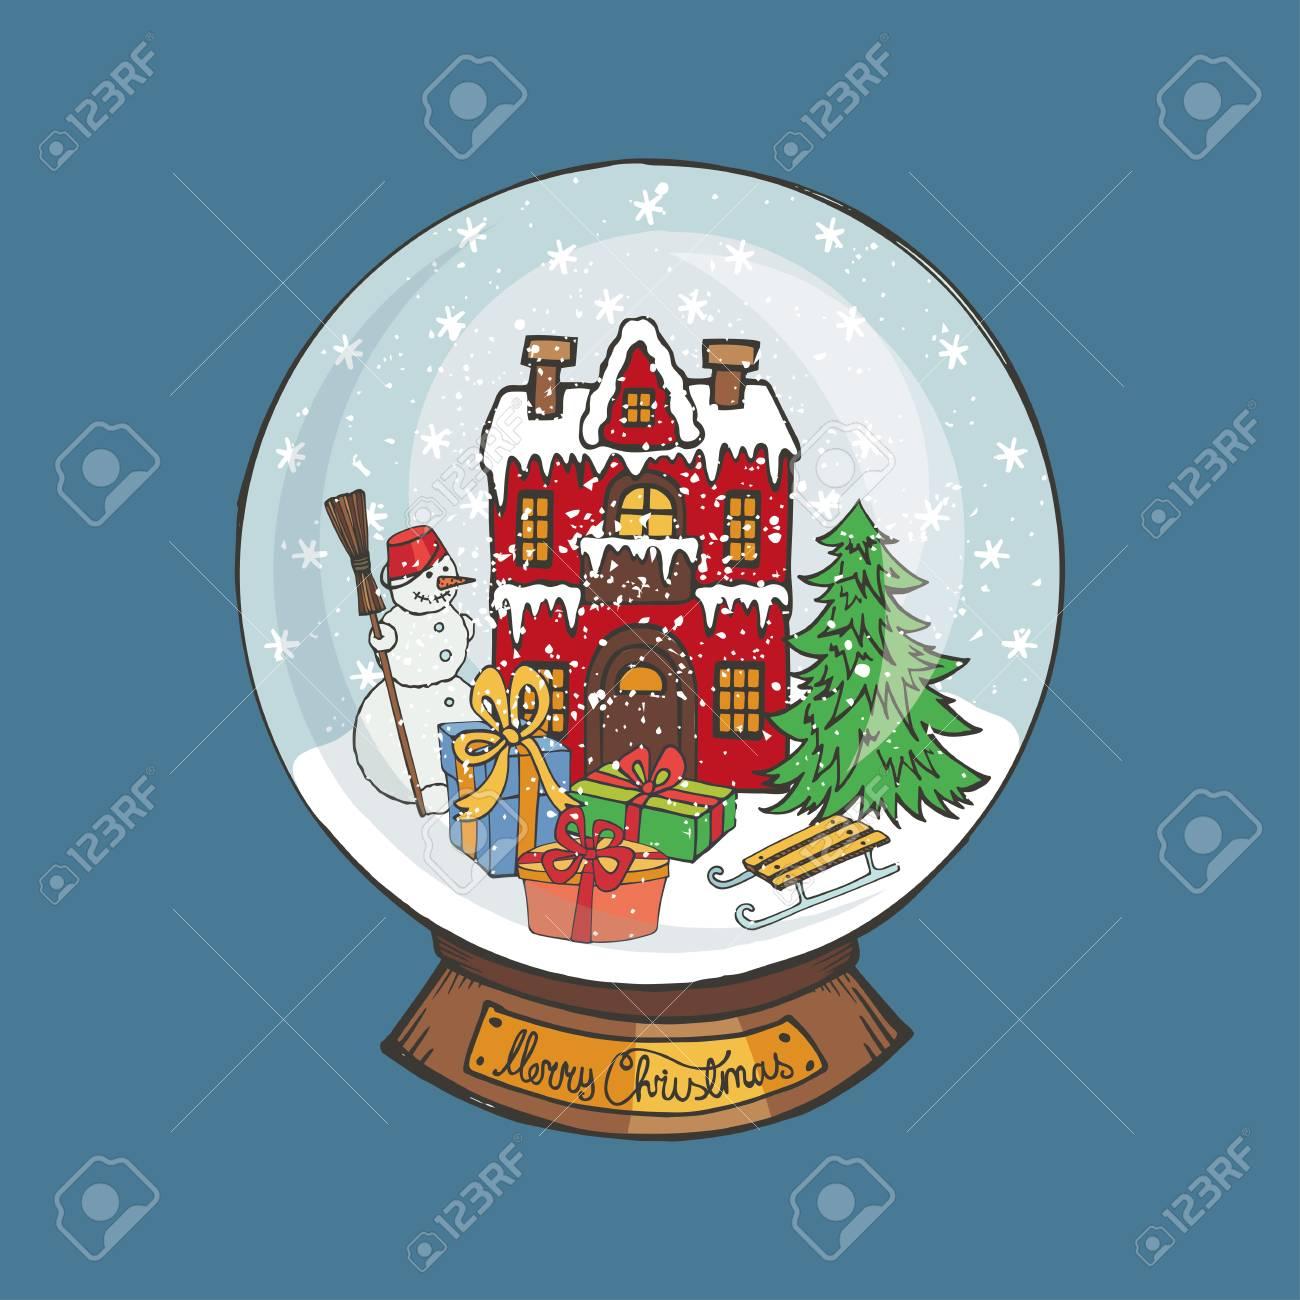 Joyeux noël globe de neige doodle petite maison et sapin bonhomme de neige des cadeaux sous la neige dessin nouvel an présente la main